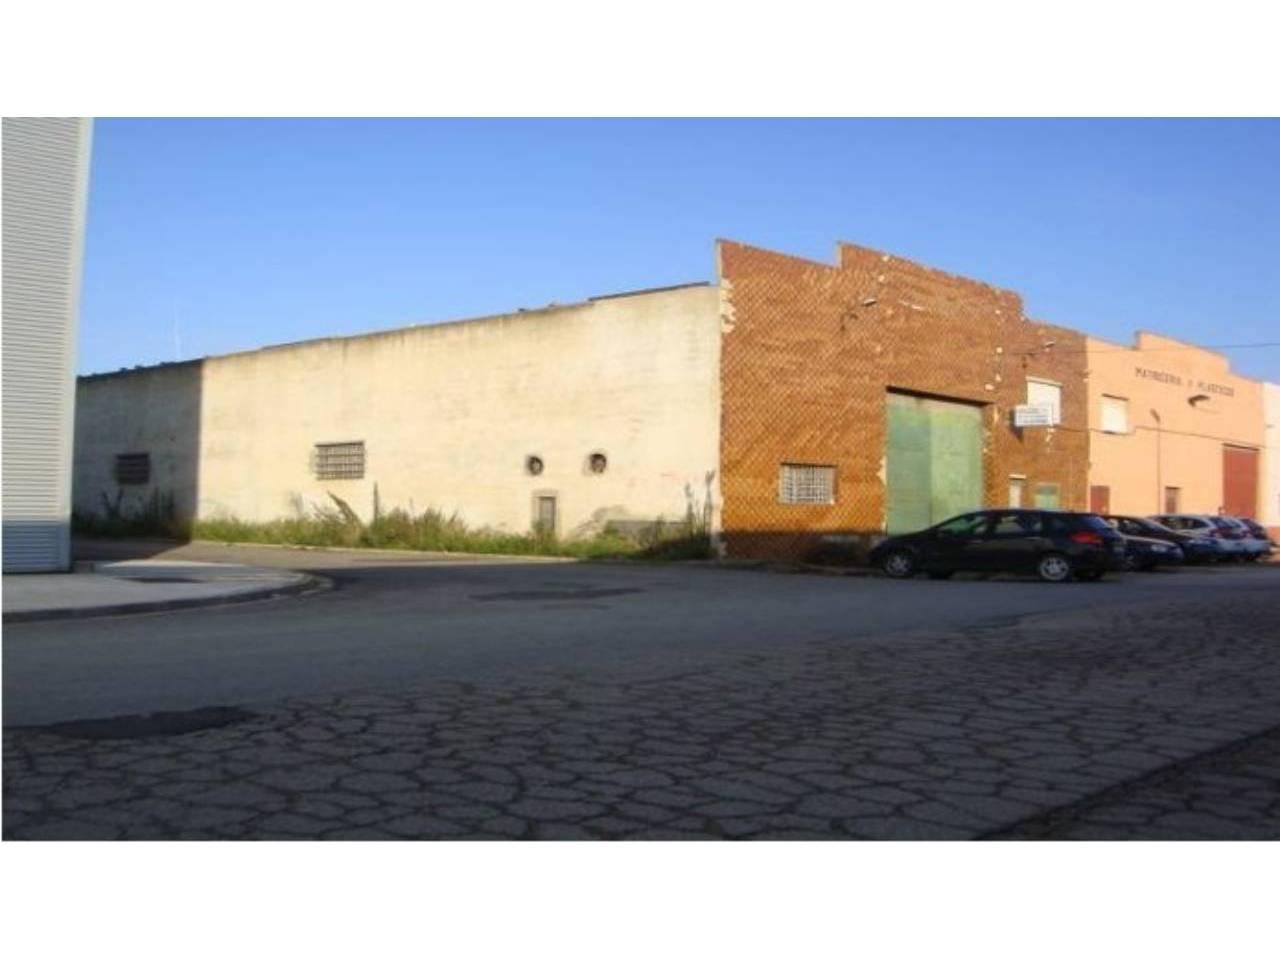 Rent Industrial building  Calle cmno viejo de silla. Superf. 862 m², 862 m² solar,  2 , trastero, garaje, estado cert